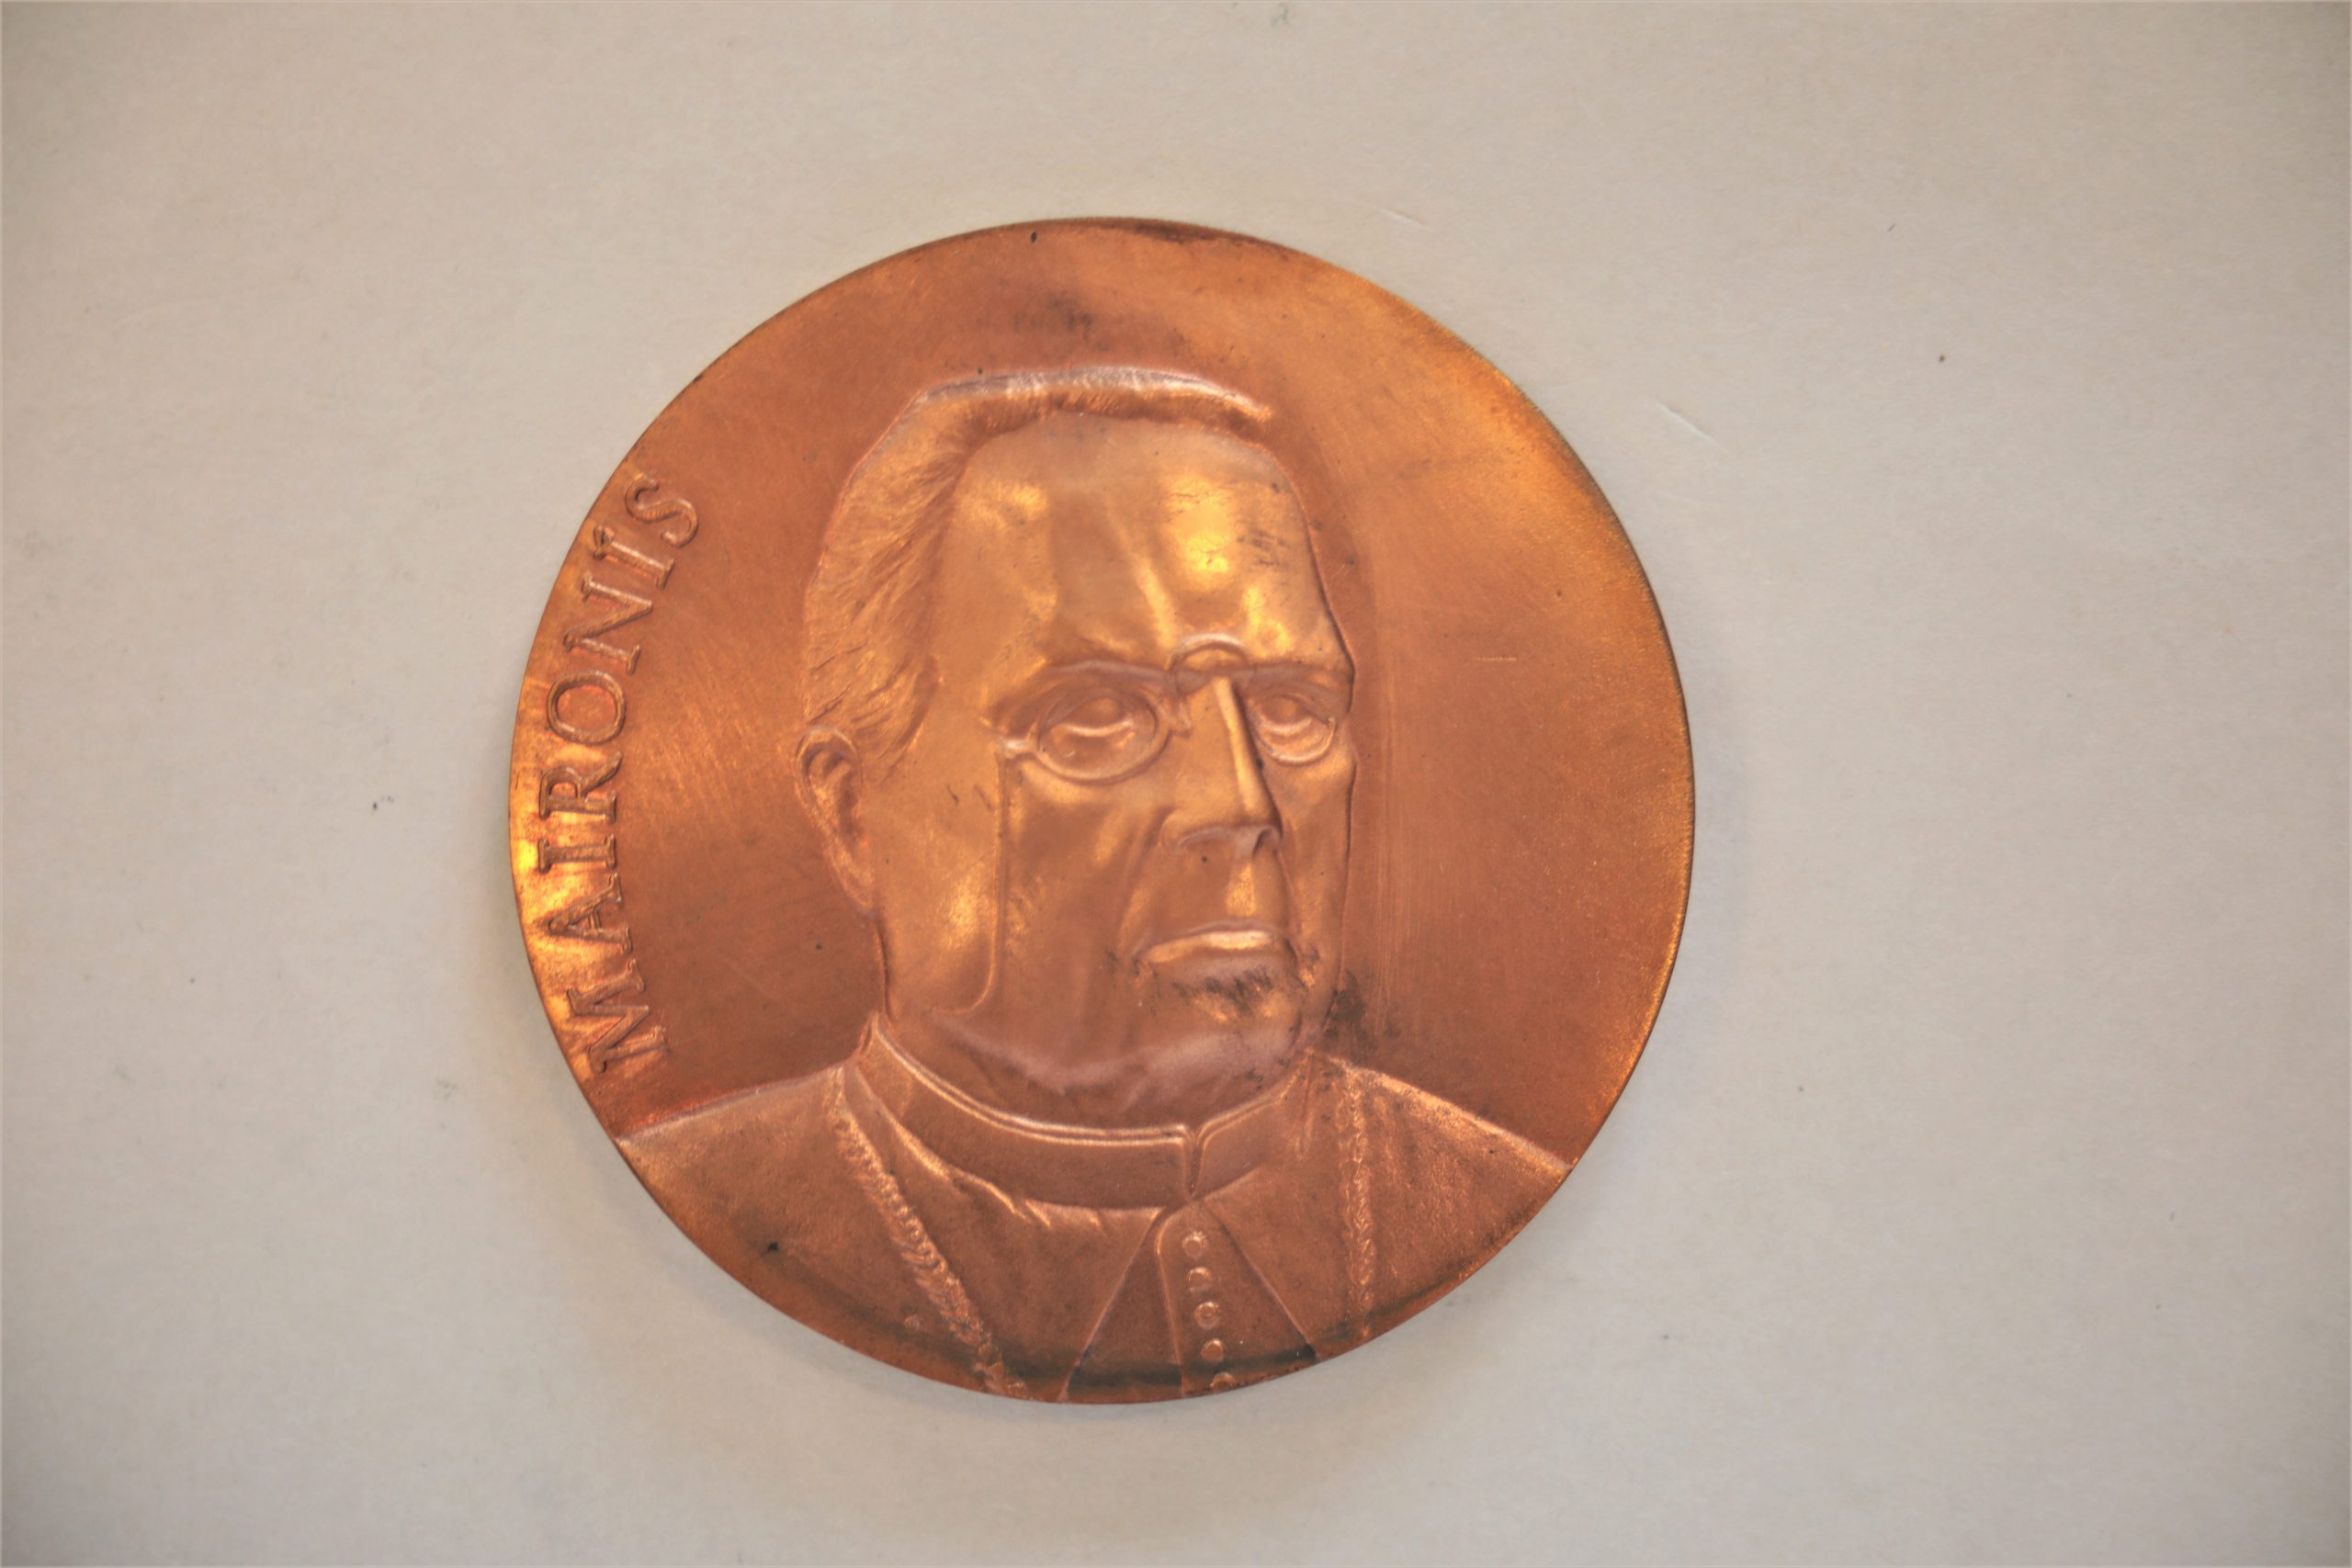 Medalis. Maironis. Metalas. Aversas. Autorius nežinomas